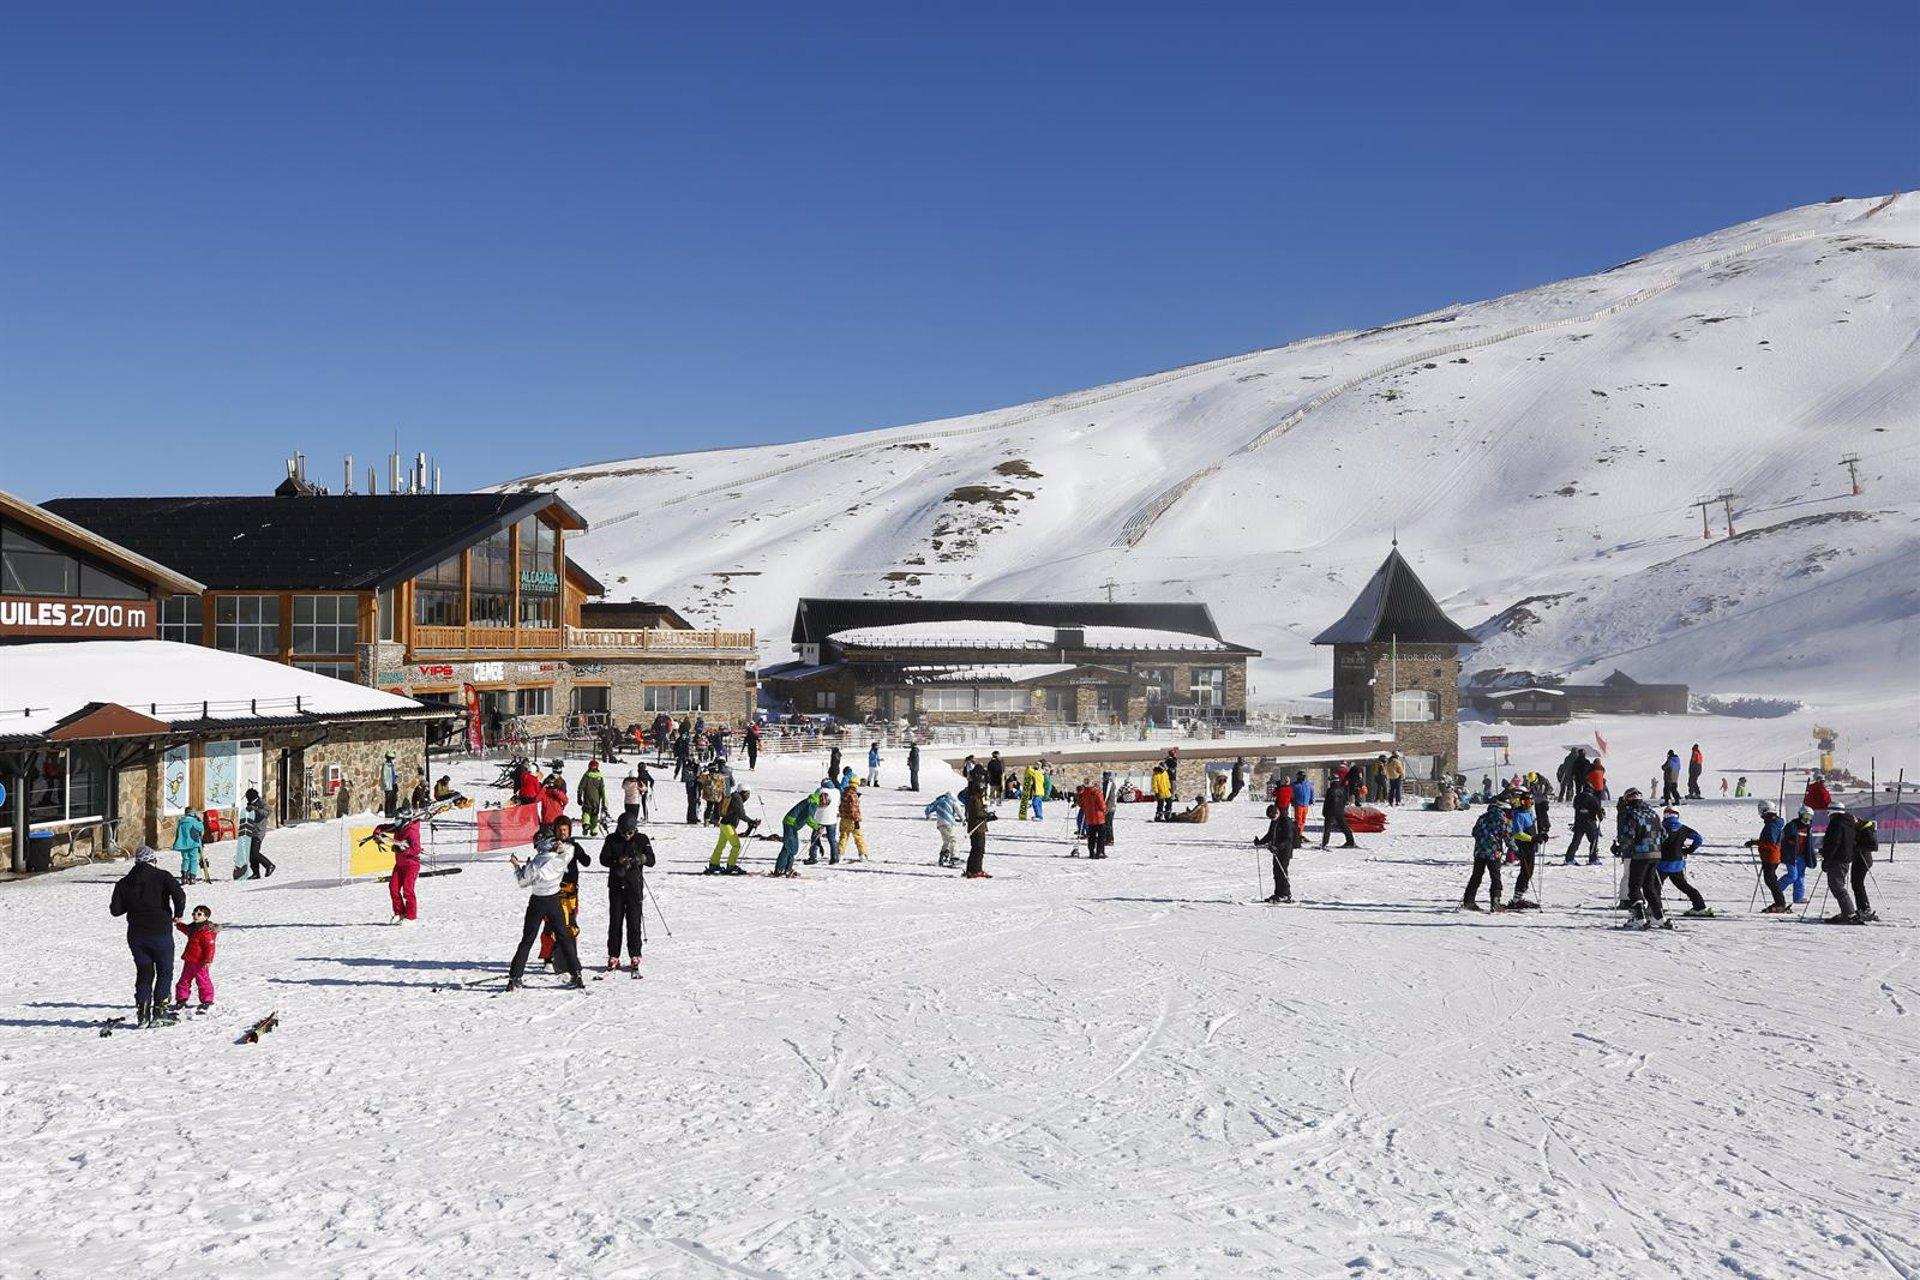 Sierra Nevada evalúa hoy la situación de la estación de esquí con el cierre de Monachil